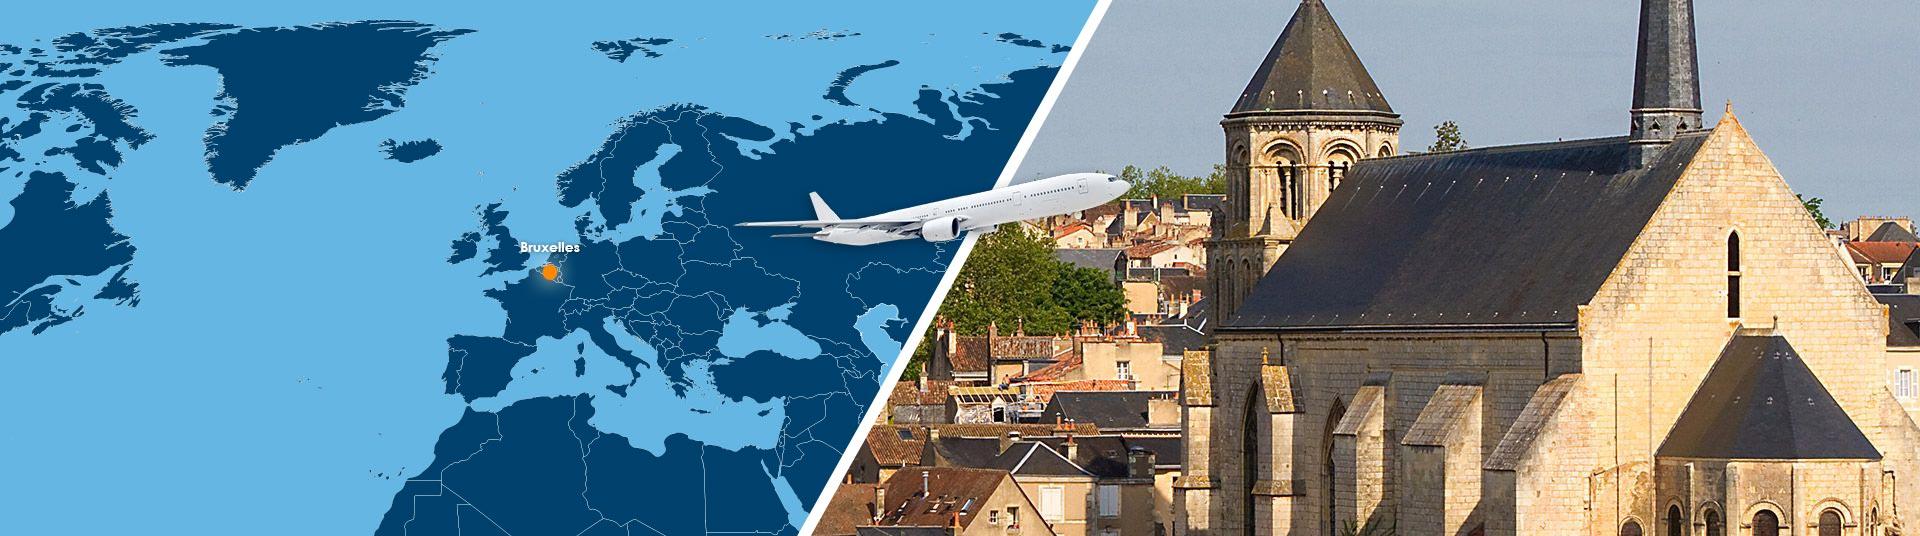 Vol Bruxelles Poitiers pas cher : Réserver un billet avion